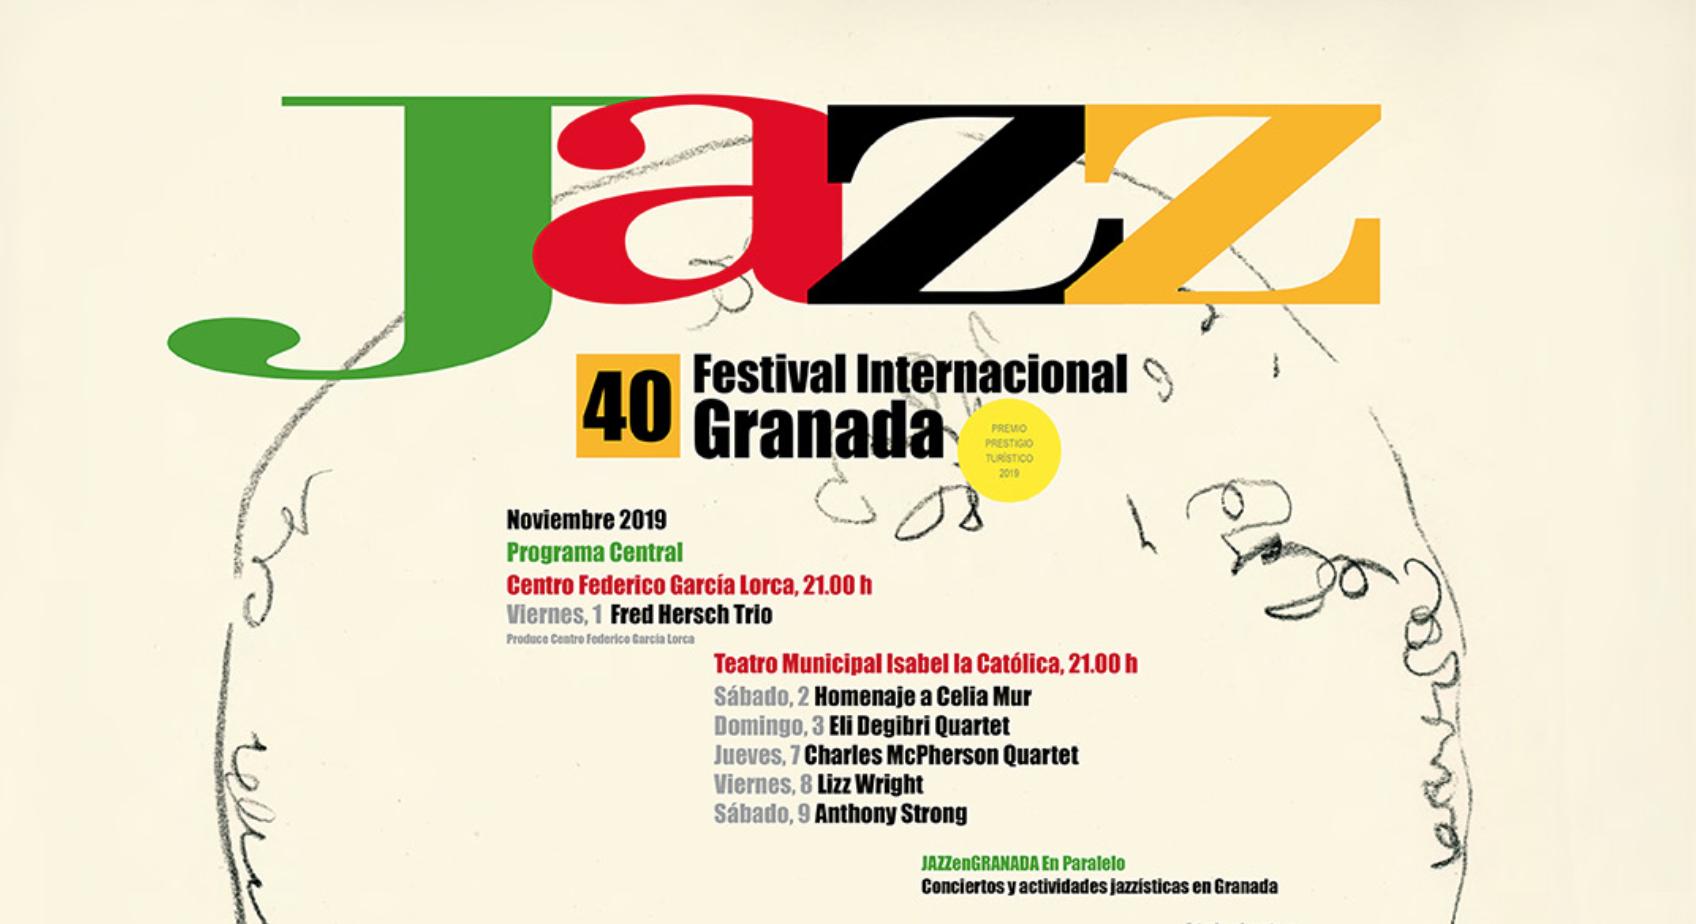 40 Festival Internacional de Jazz de Granada 2019